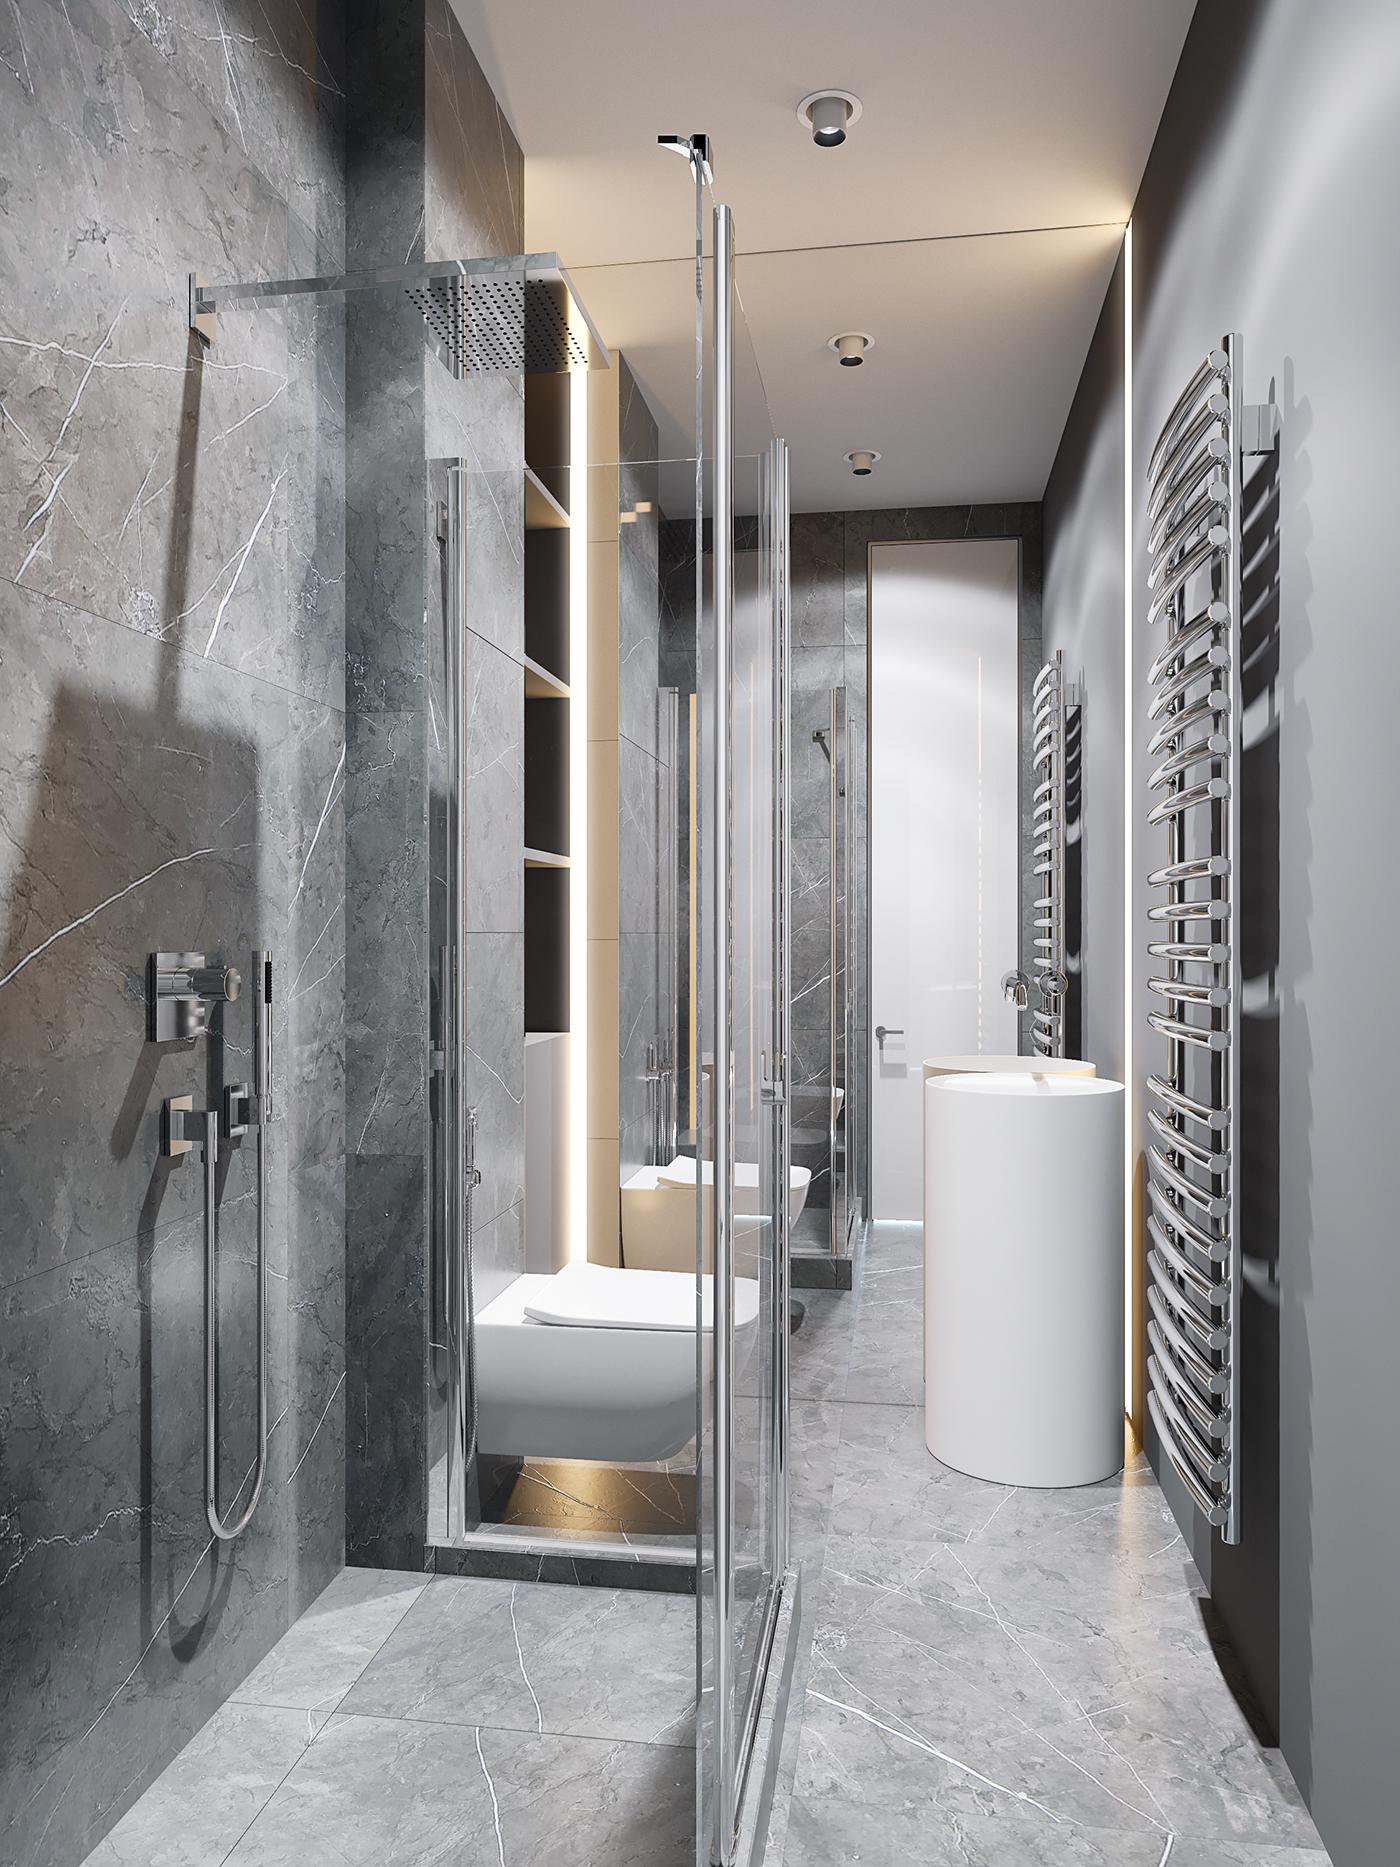 Badkamer Marmer Tegels.Moderne Luxe Badkamer Met Marmeren Tegels Badkamers